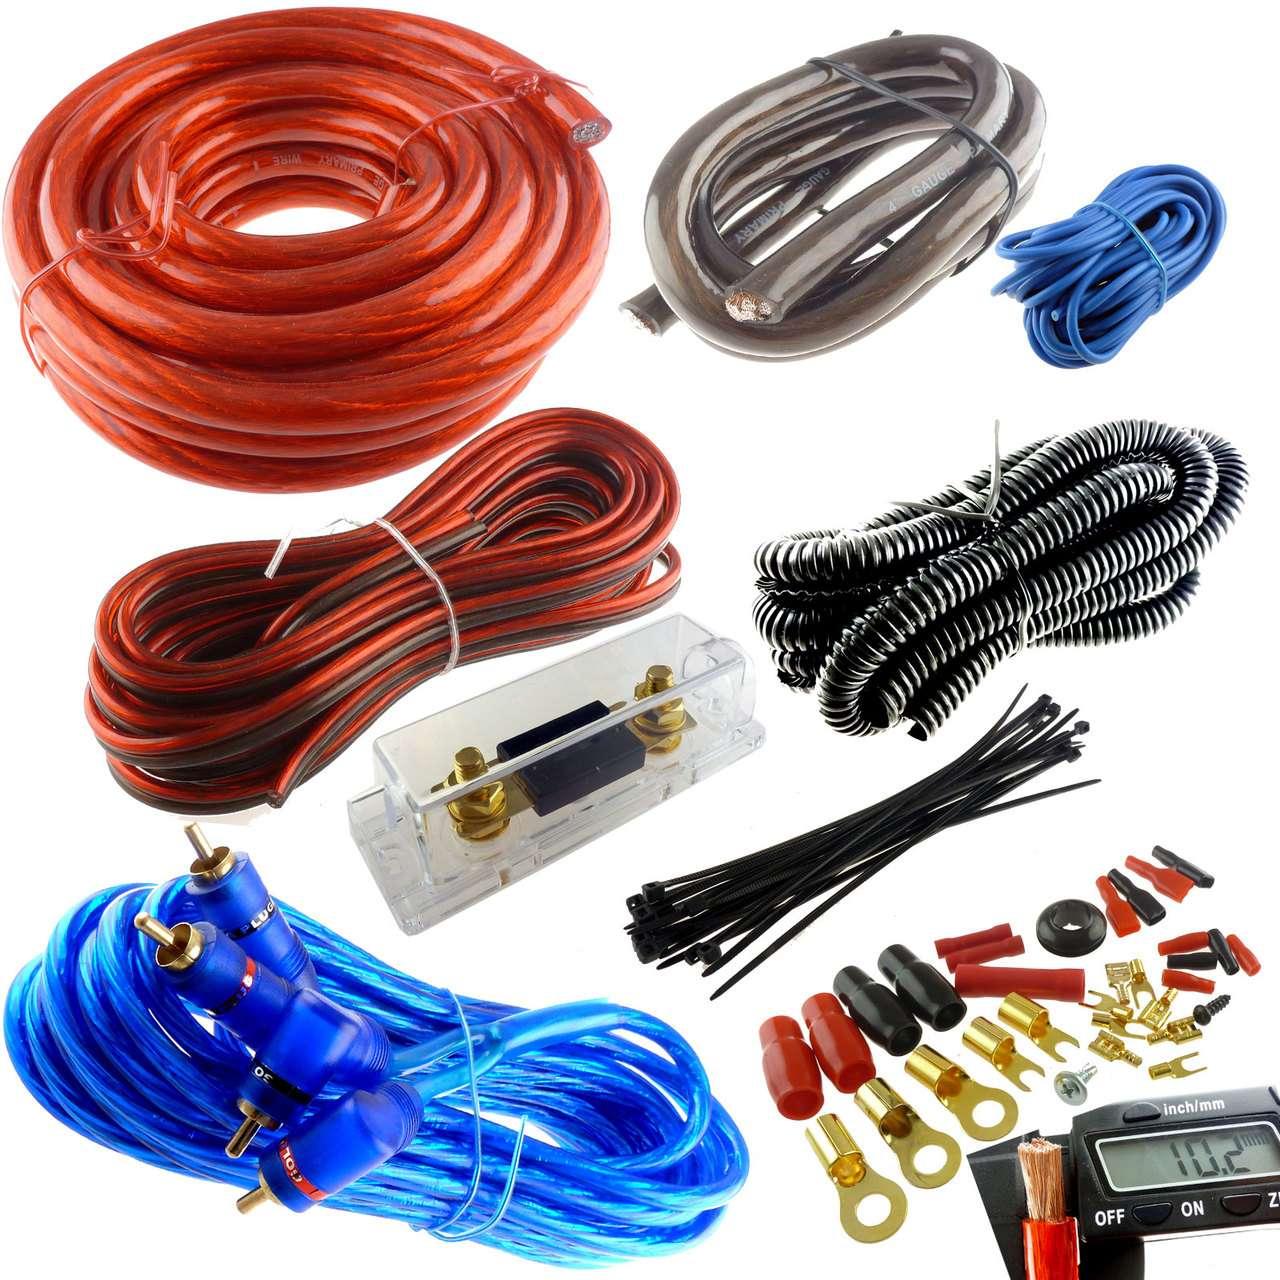 4 Gauge Premium Power Wire Wiring Kit 3000w Anl Install